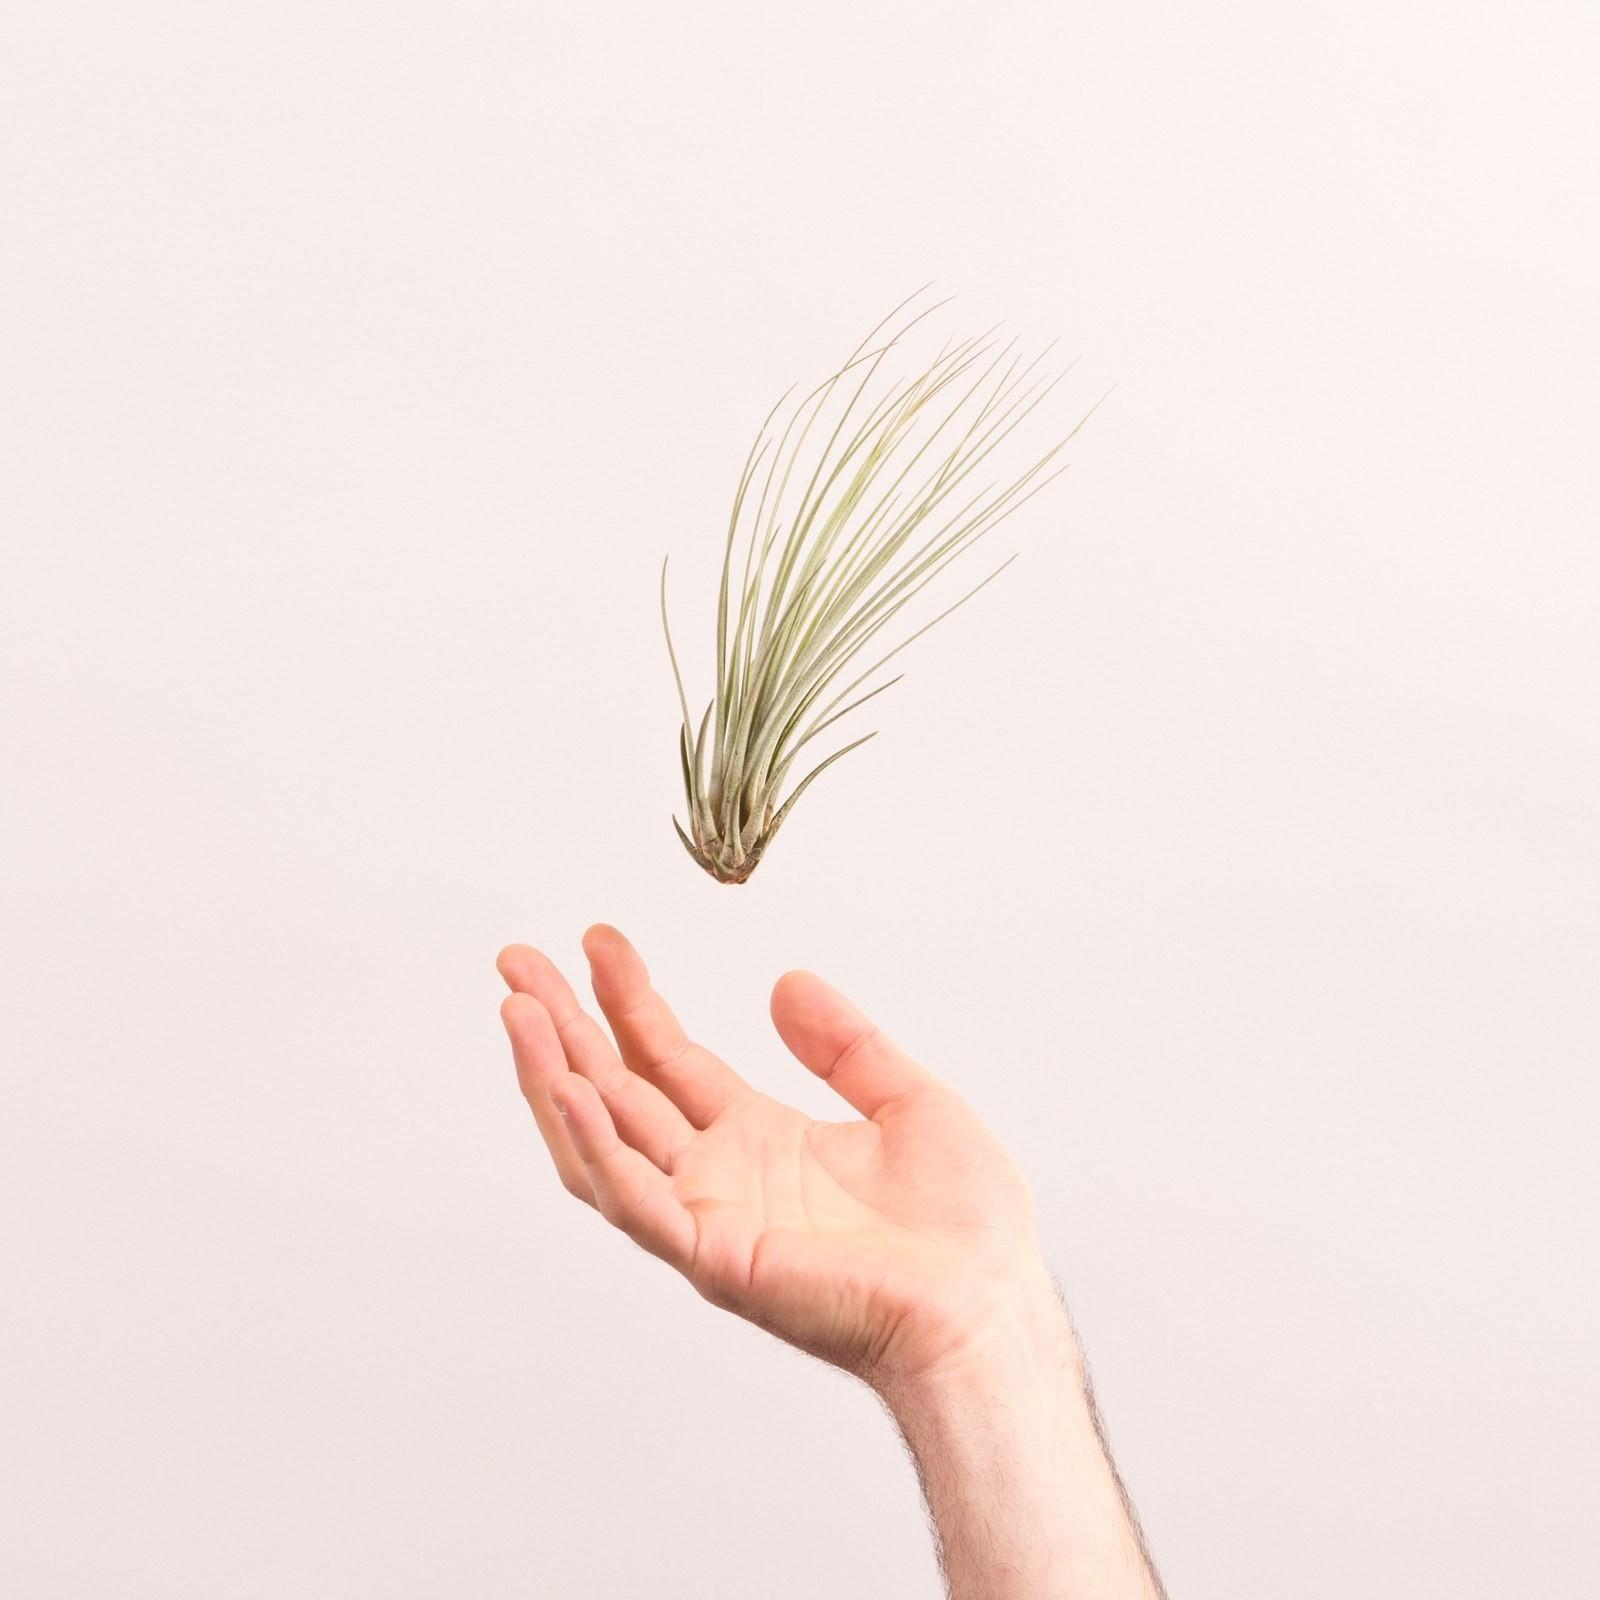 juncea luftpflanze ist sehr sch n mit langen und samtigen bl ttern. Black Bedroom Furniture Sets. Home Design Ideas